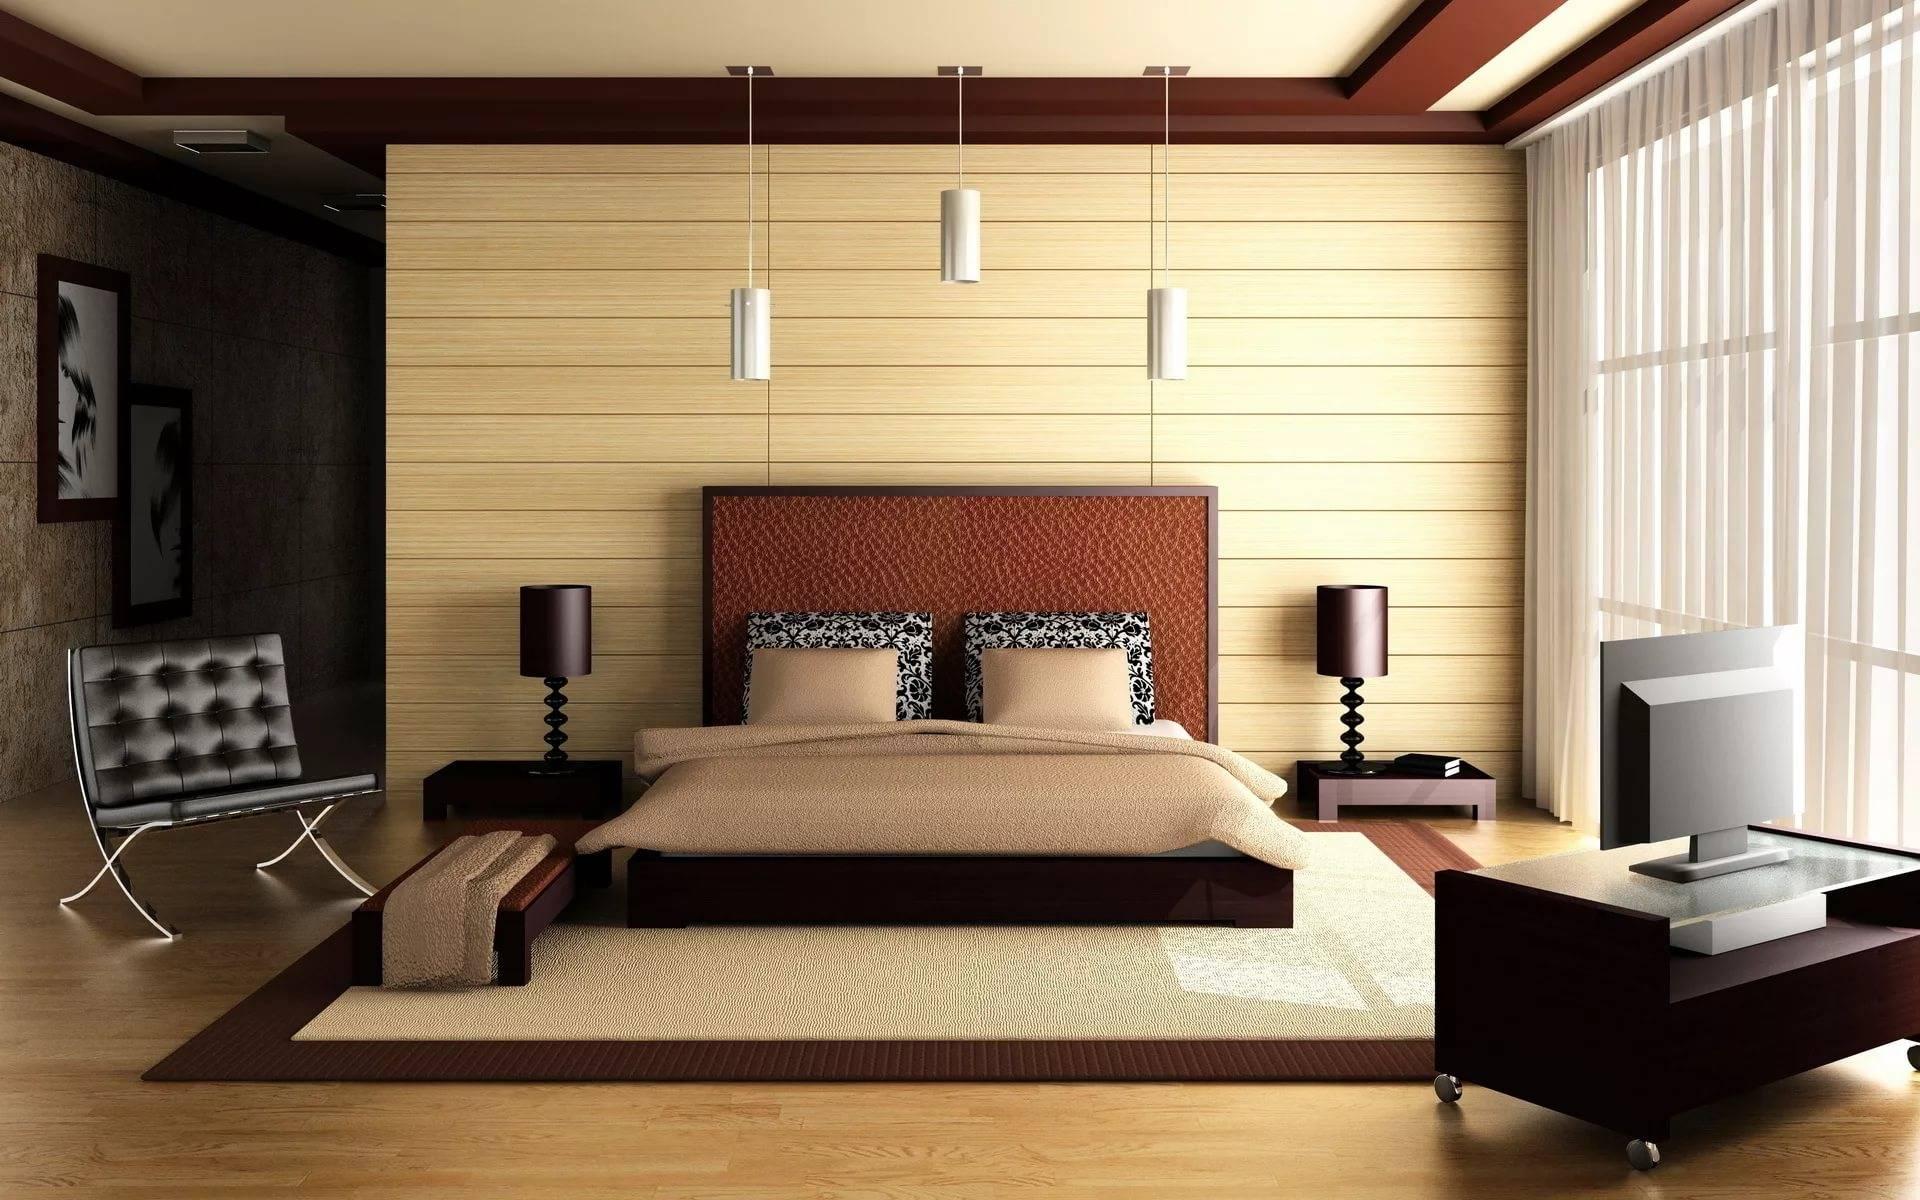 Белый ковер пушистый с длинным ворсом в интерьере, круглый и овальный для спальни, красивые варианты на стену с рисунком или на пол